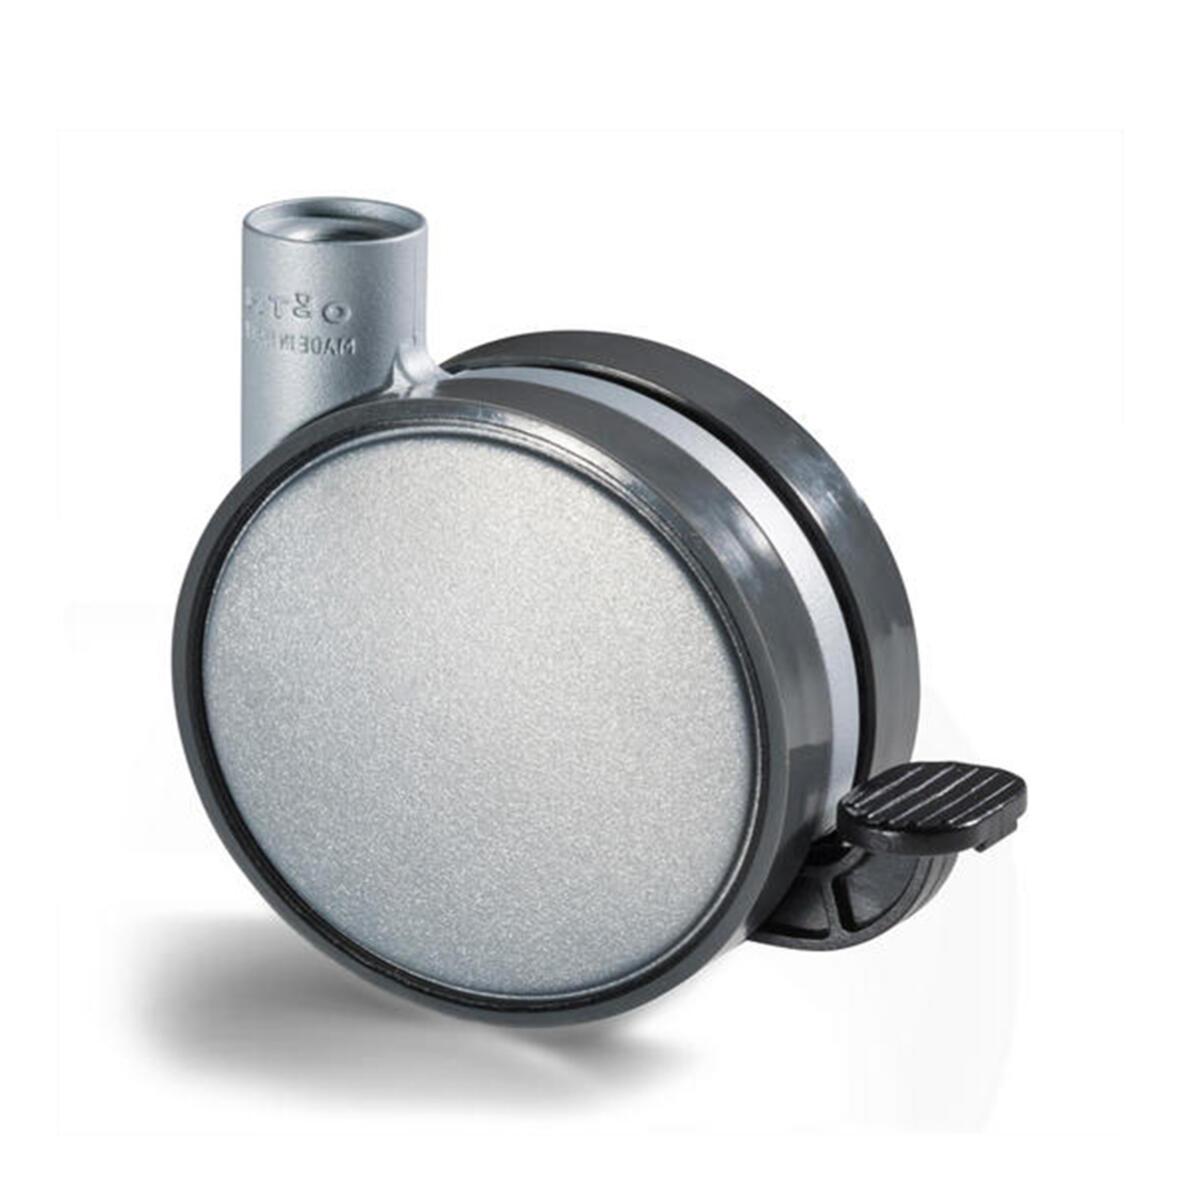 799005 1200 0751 20151 538x538  0751 1121 disky2 nylonalluminio gommagrigia discoalluminio freno